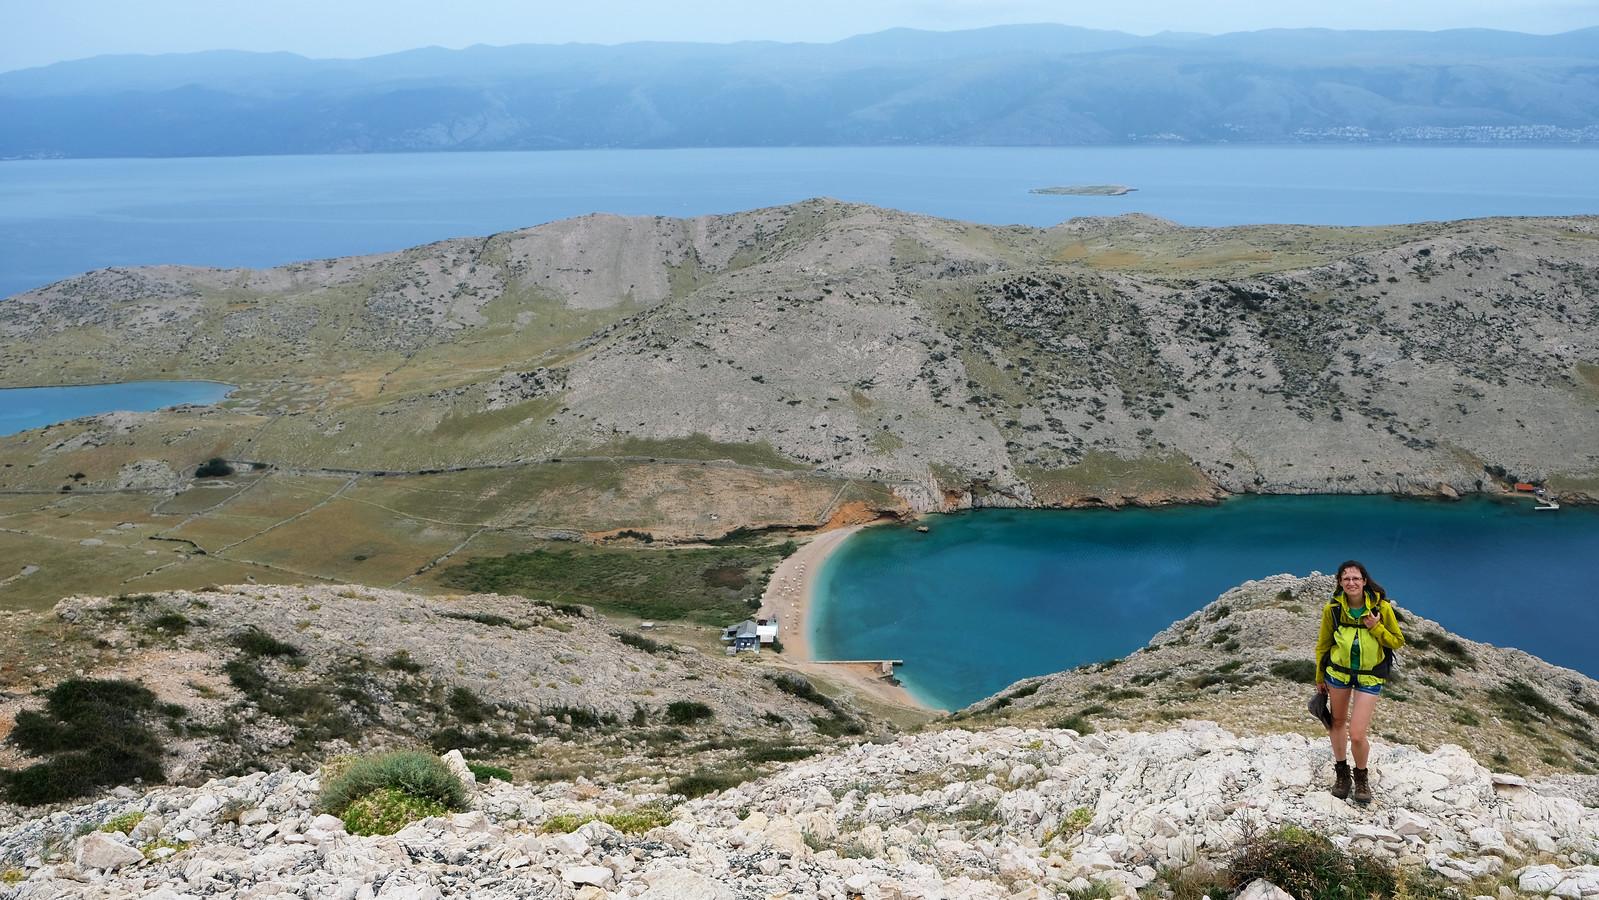 Vela Luka Bay, Krk Island, Croatia